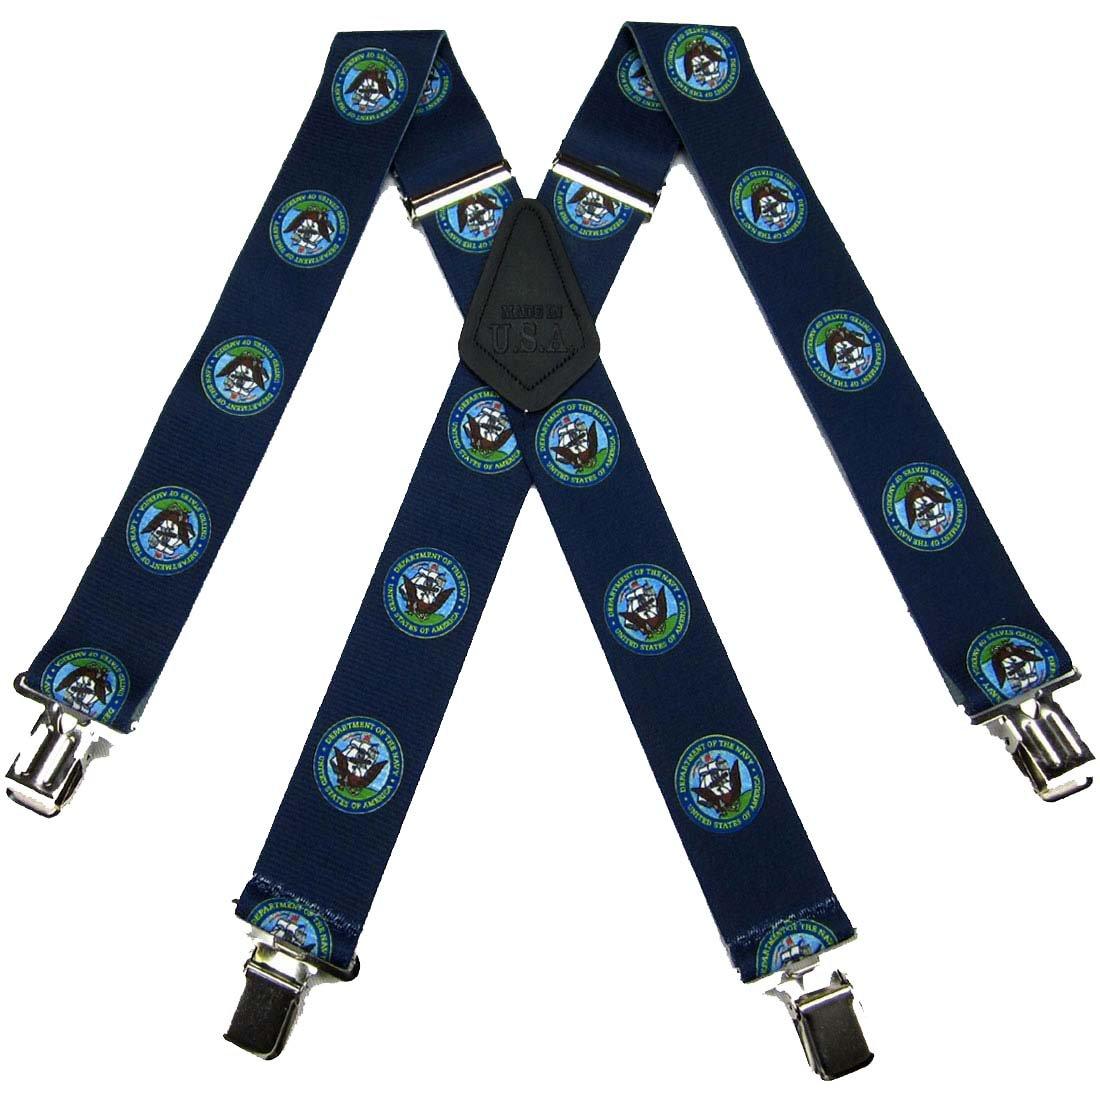 SUS-351-NANA - Navy Novelty Themed Clip X-BACK Suspenders